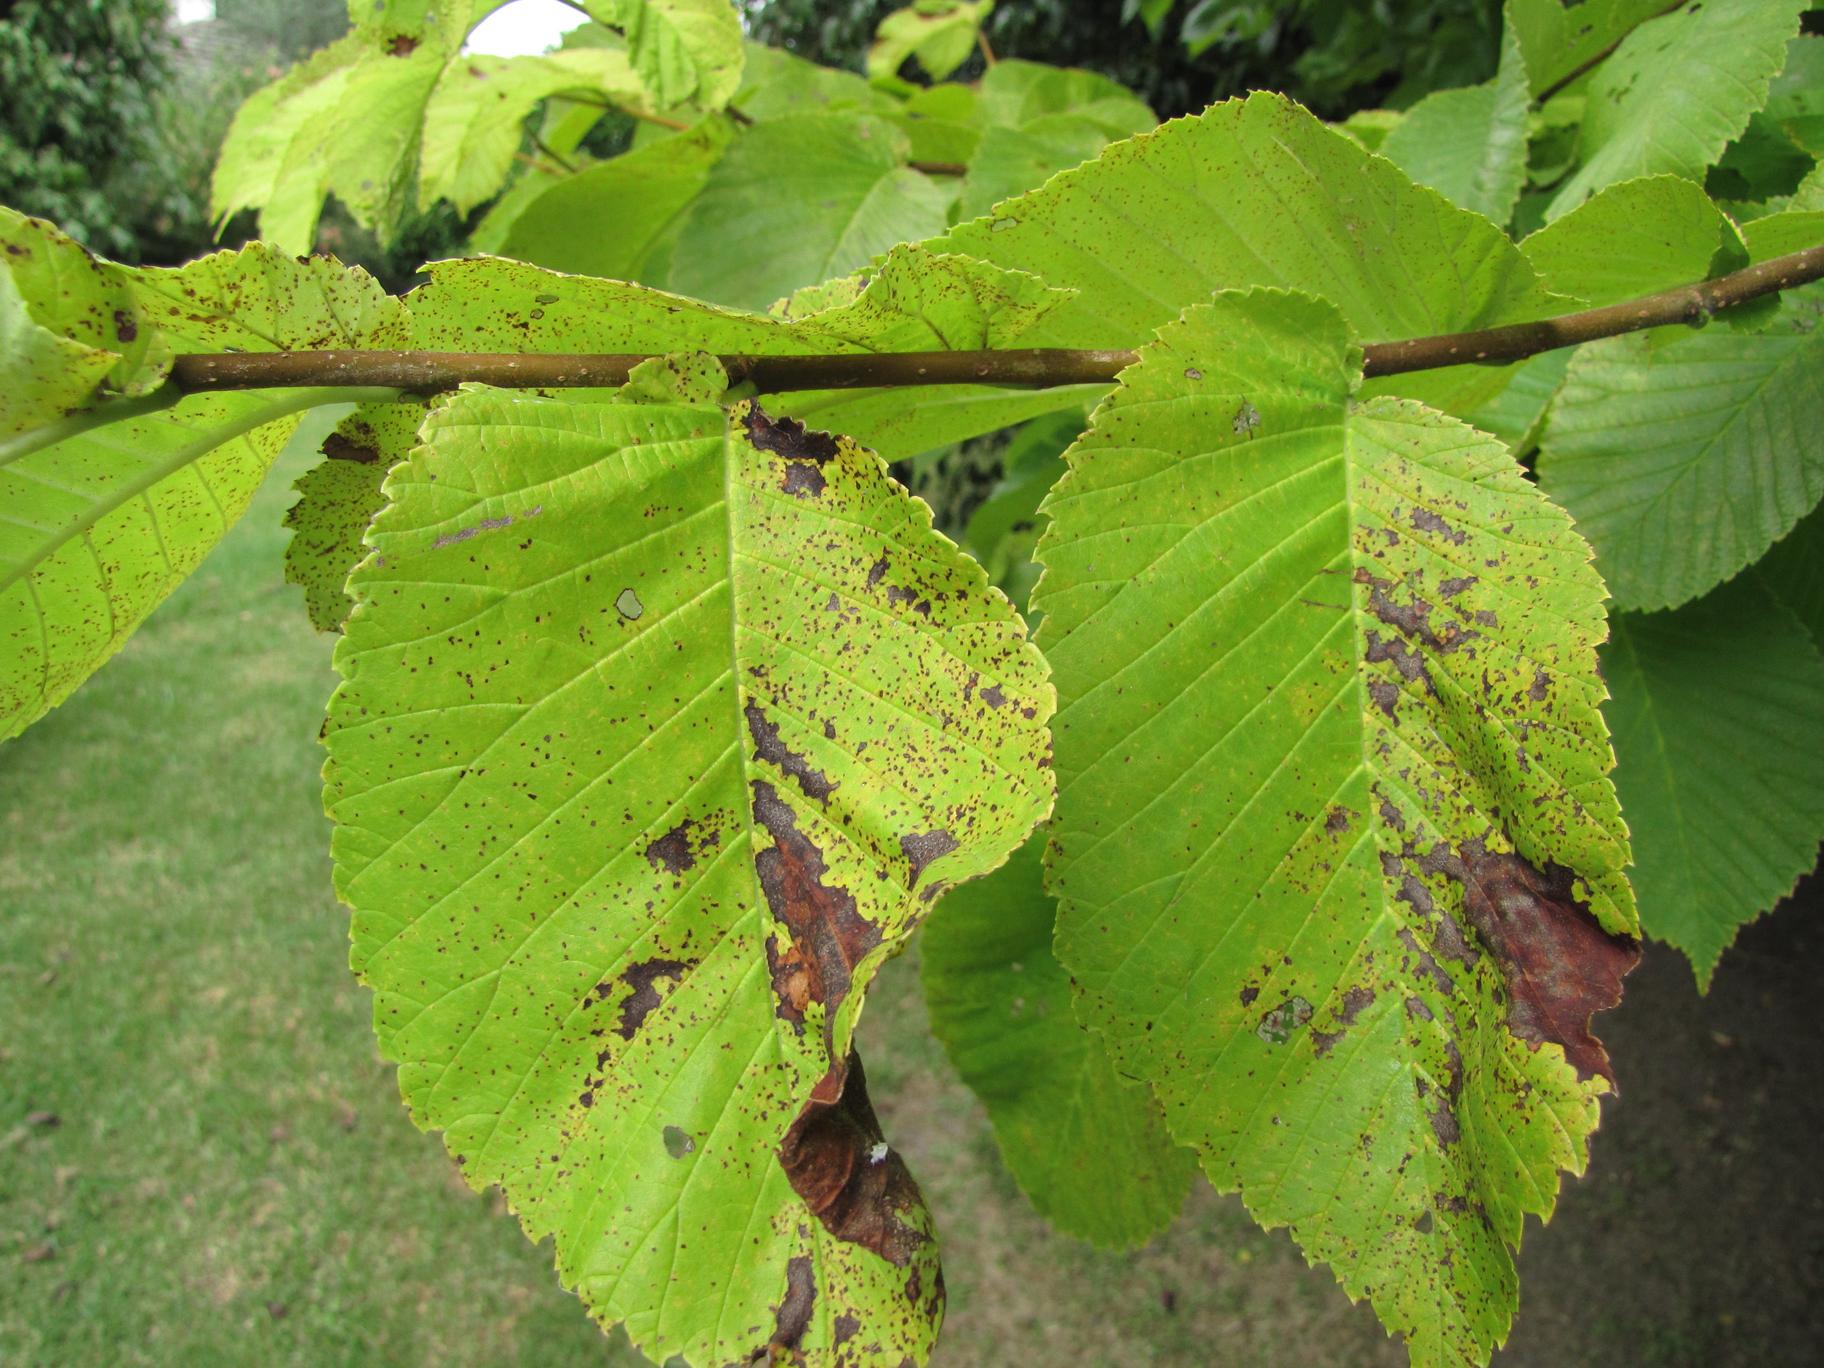 Golden elm leaf topside lesions